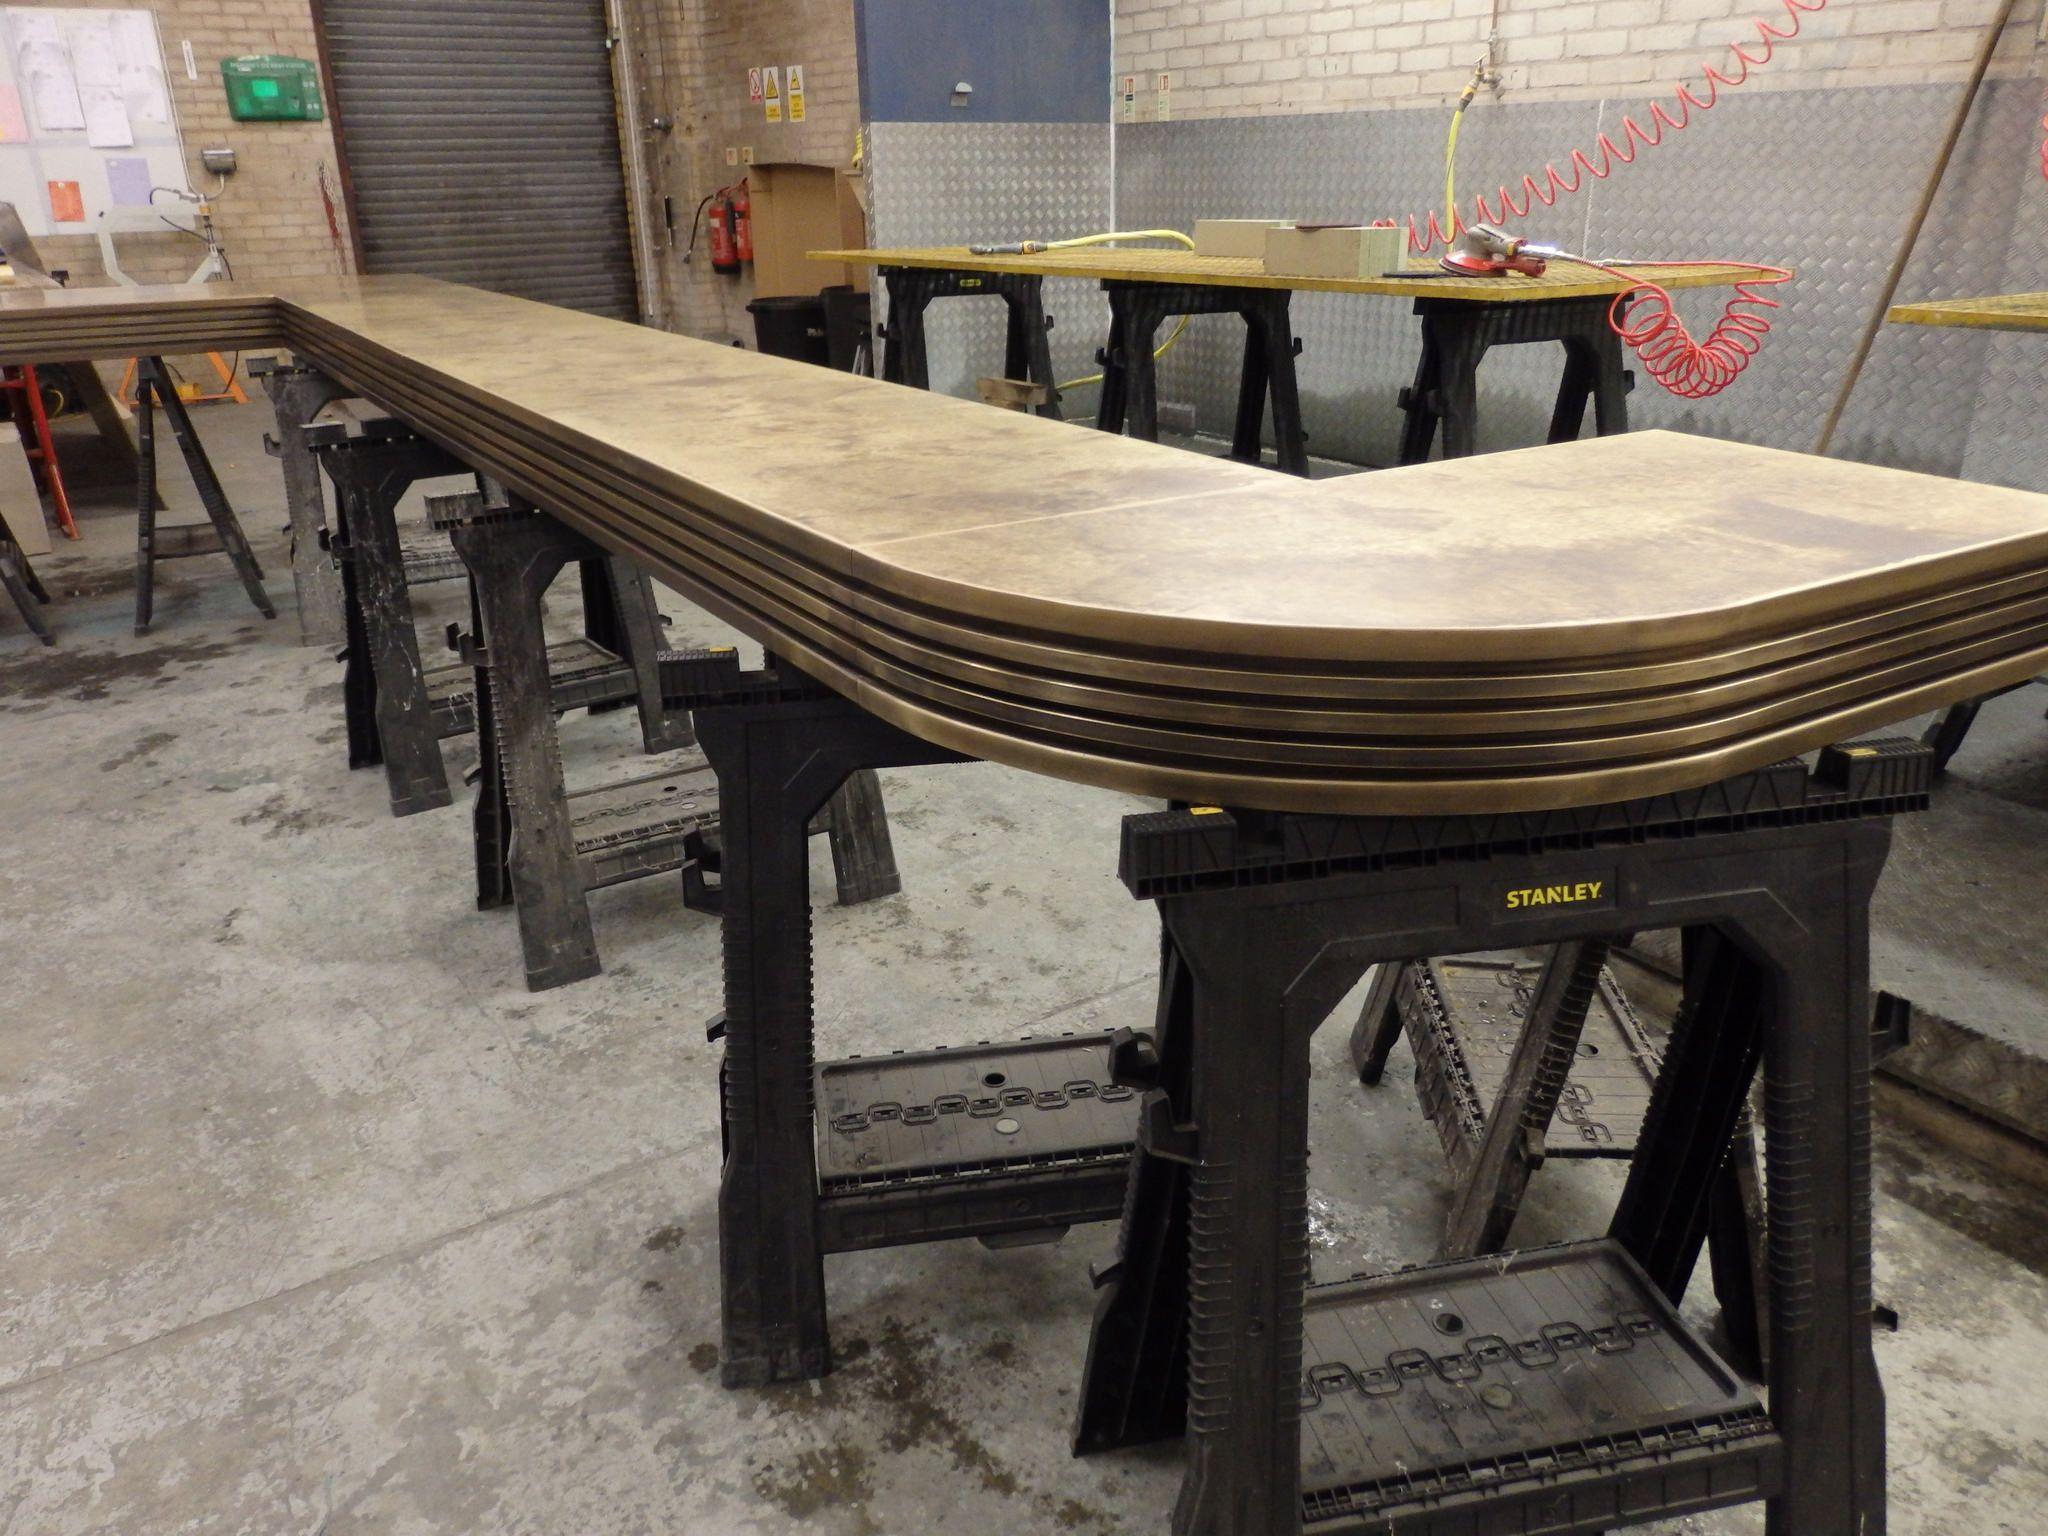 110 Bespoke Brass Bar Top With Images Bar Counter Design Metal Bar Top